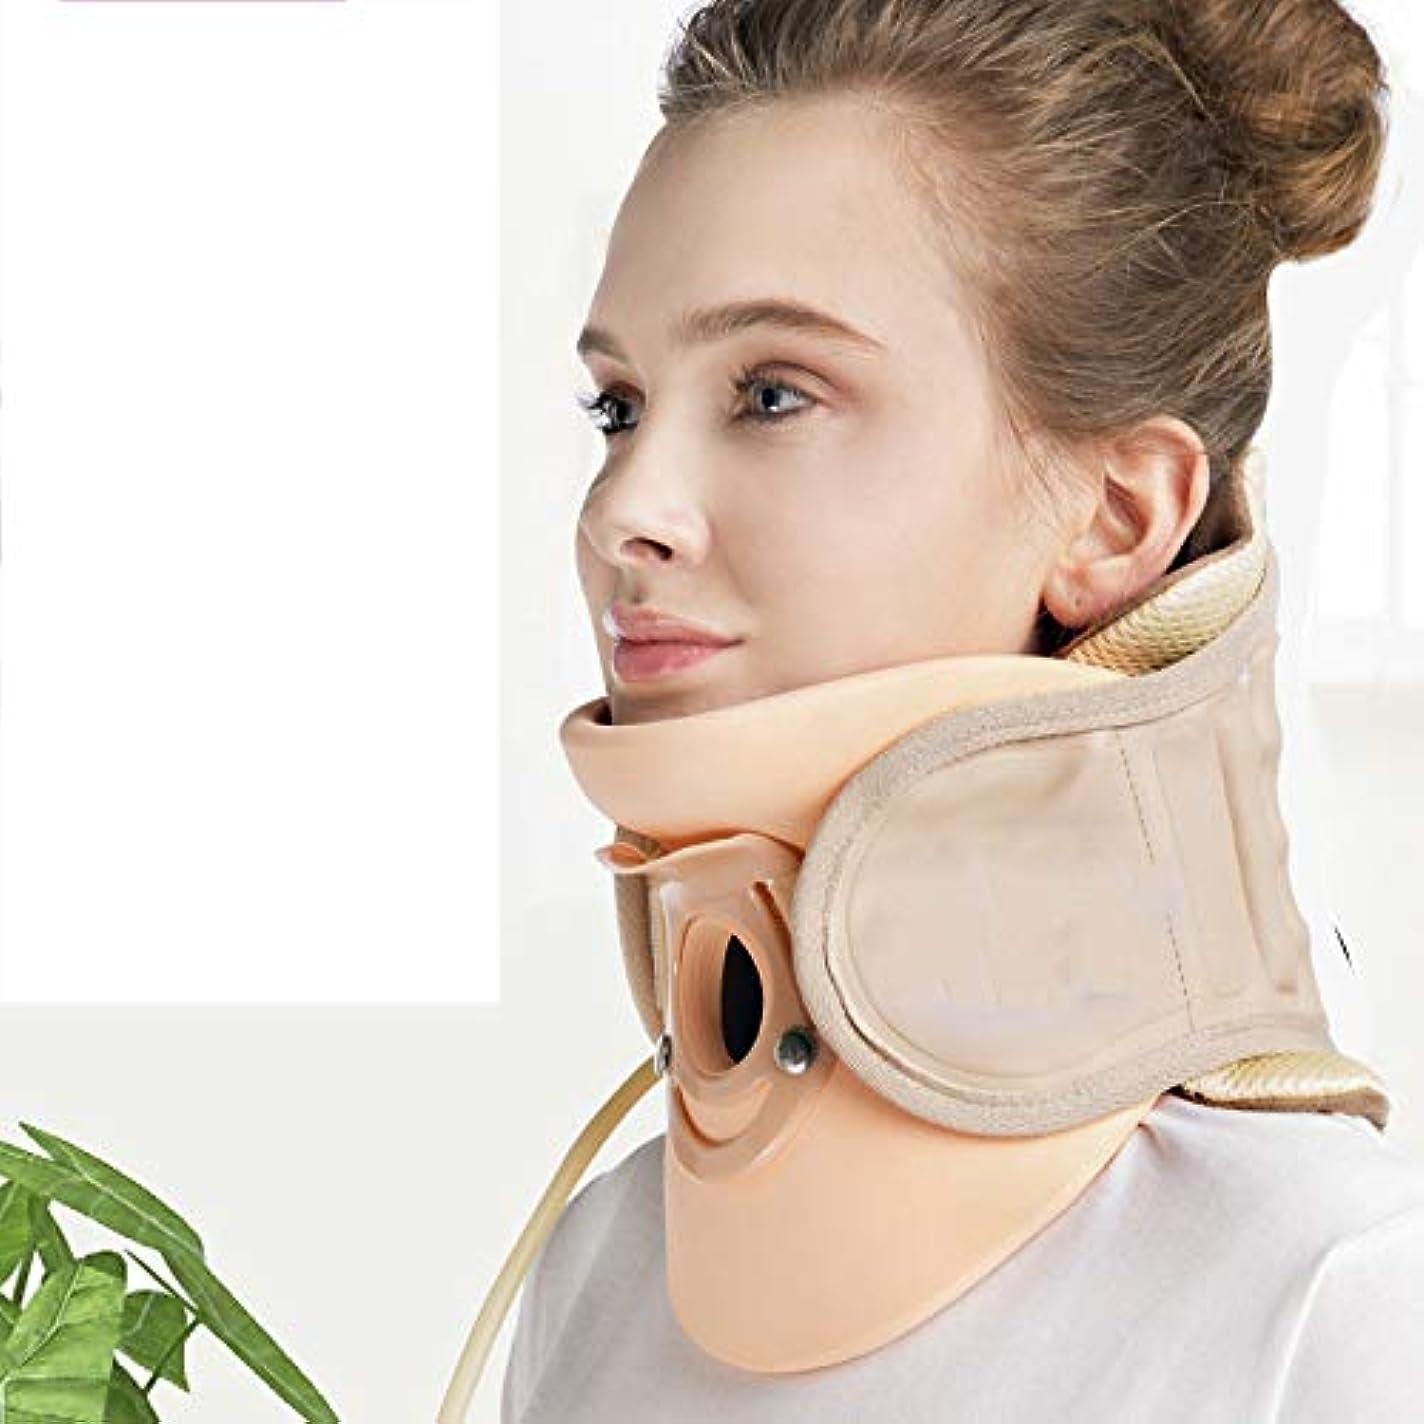 配置導体共感する最高の頸部20°曲率牽引装置 - 家庭用牽引脊椎調整のための調節可能で膨脹可能な首伸張器つば,Beige